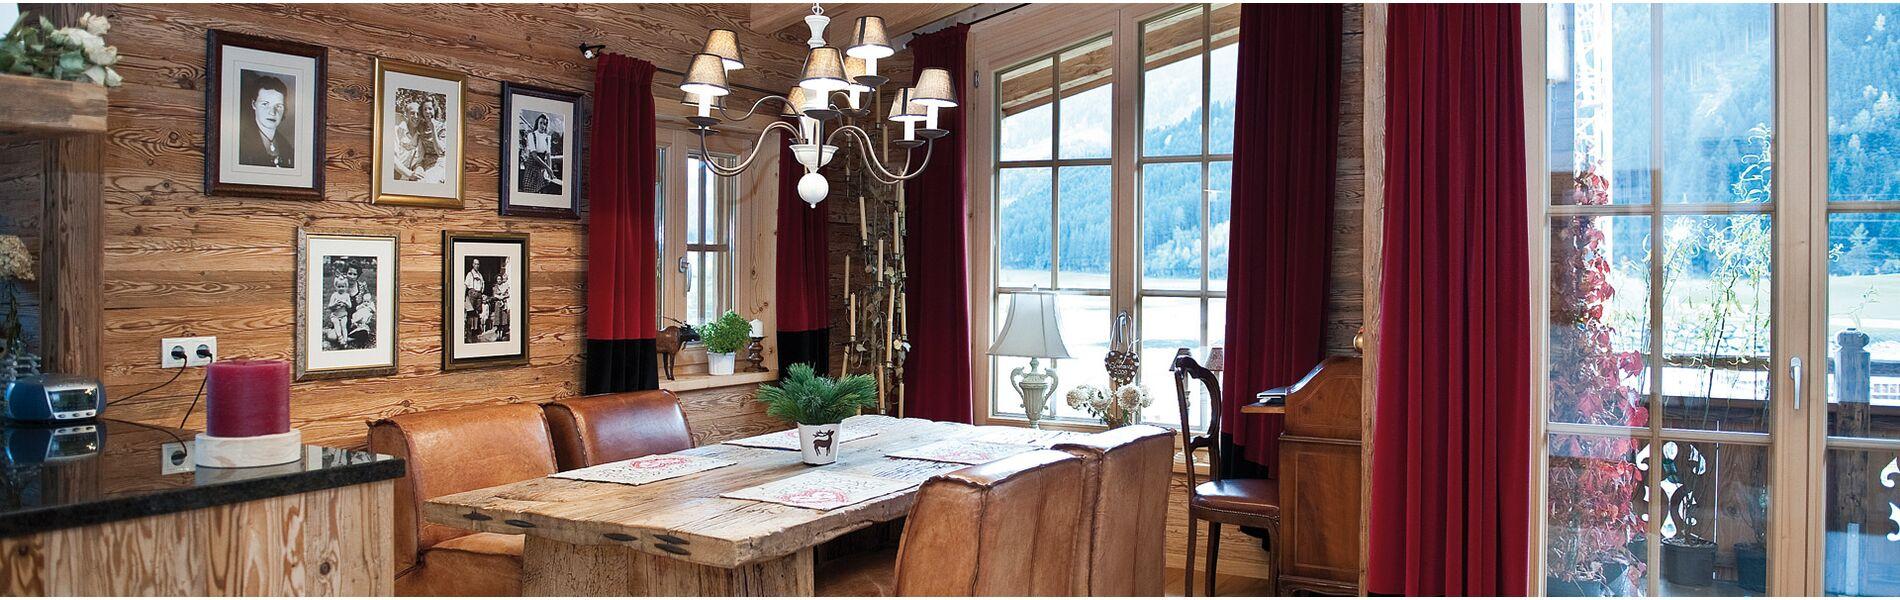 altholz bei frischeis weil holz vertrauenssache ist. Black Bedroom Furniture Sets. Home Design Ideas